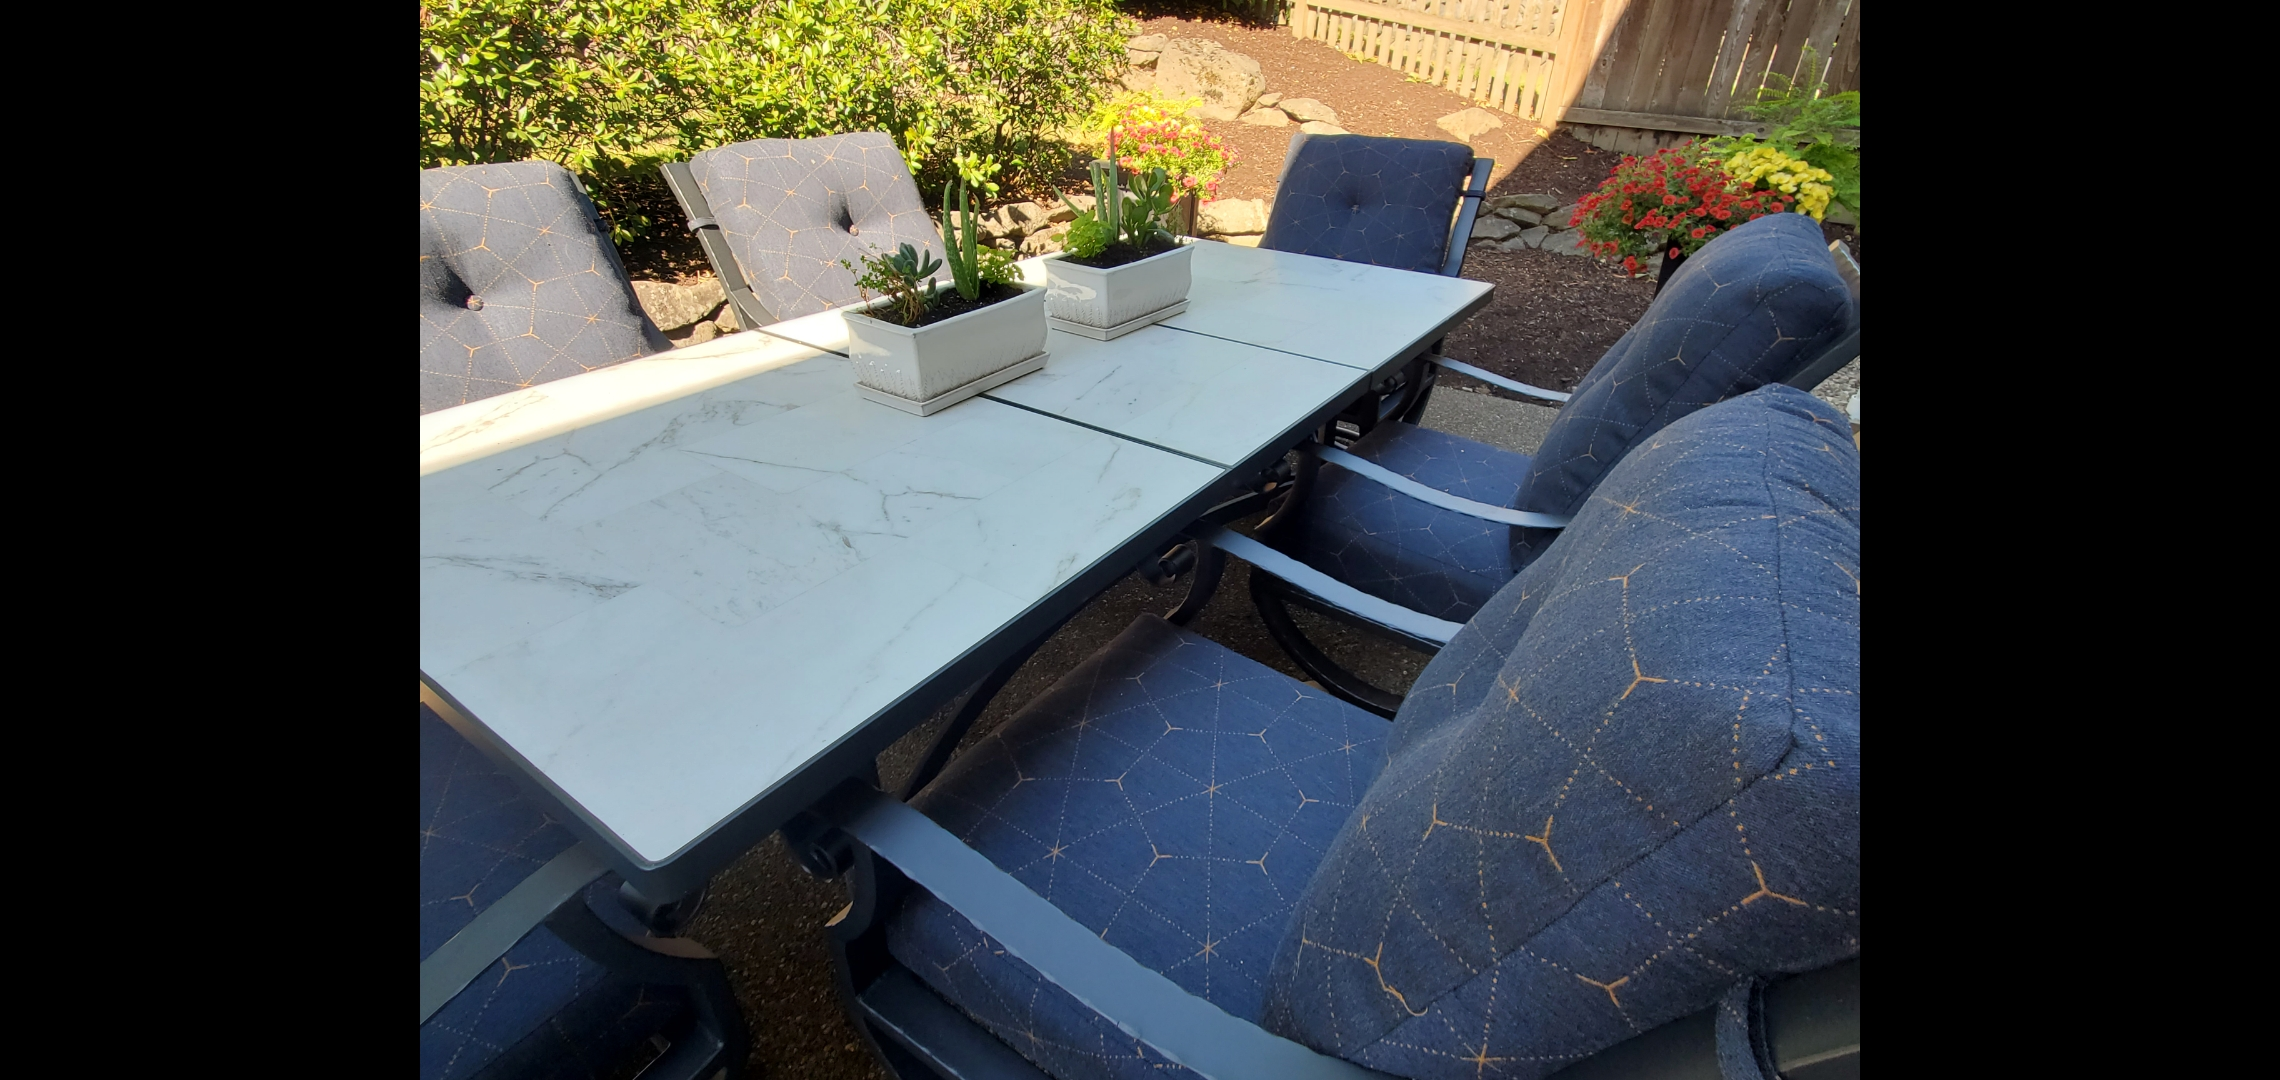 patio living reviews 23 983 reviews